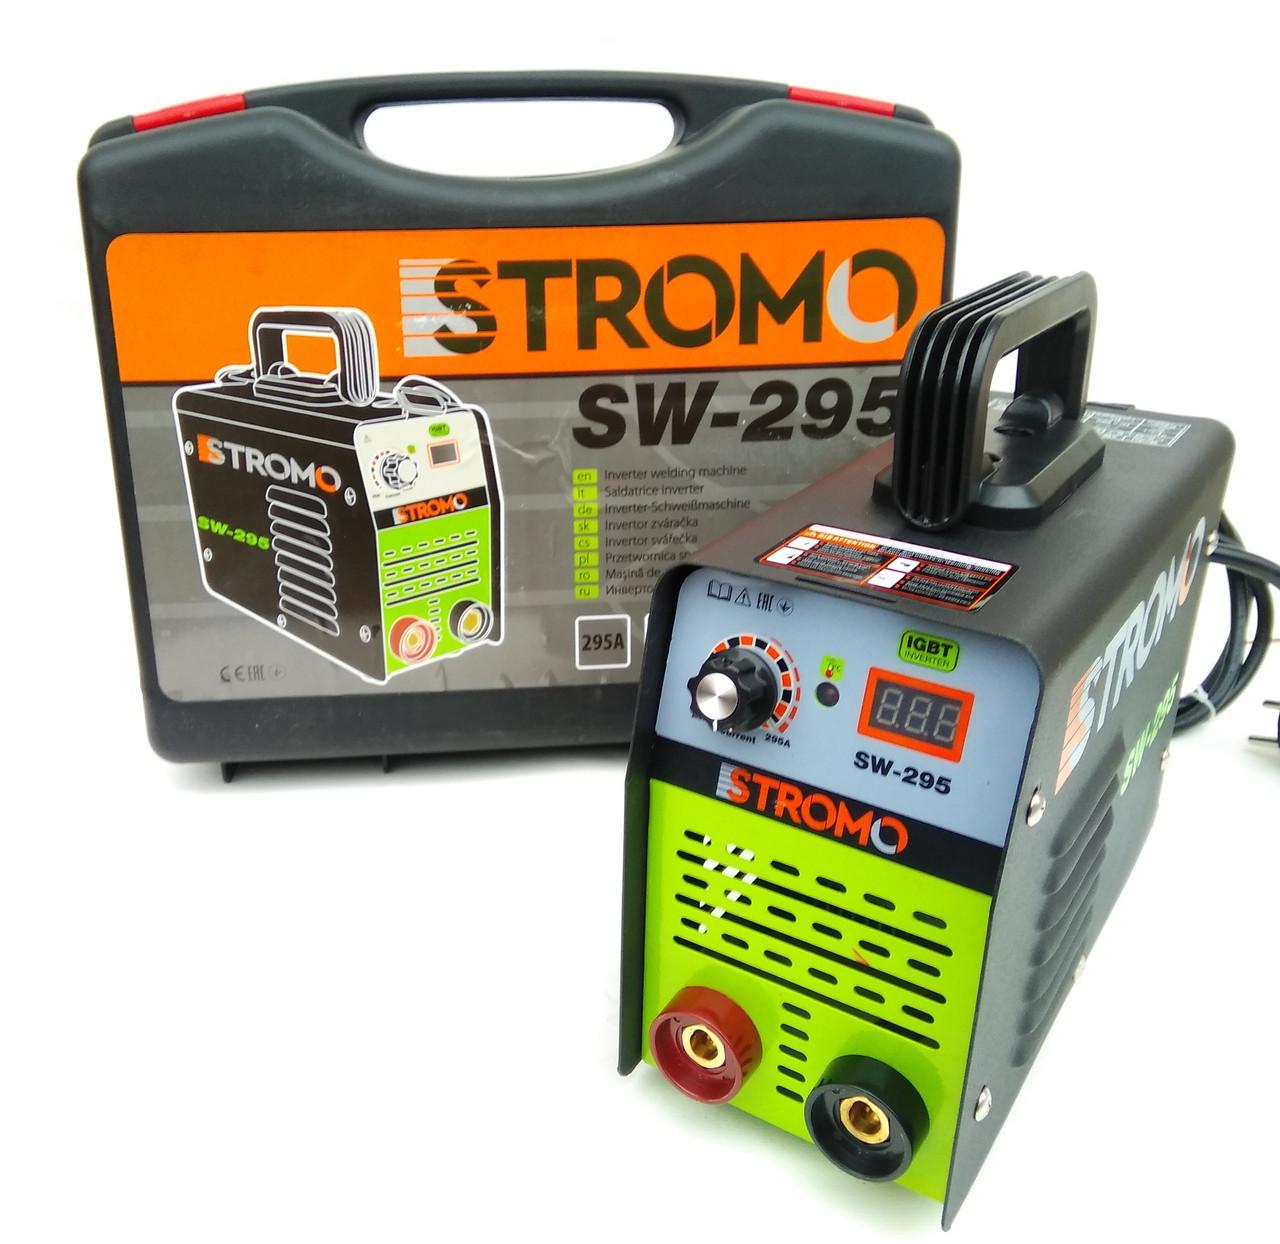 Зварювальний апарат інверторний Stromo SW-295 (дисплей + кейс) . Зварювання Стромо